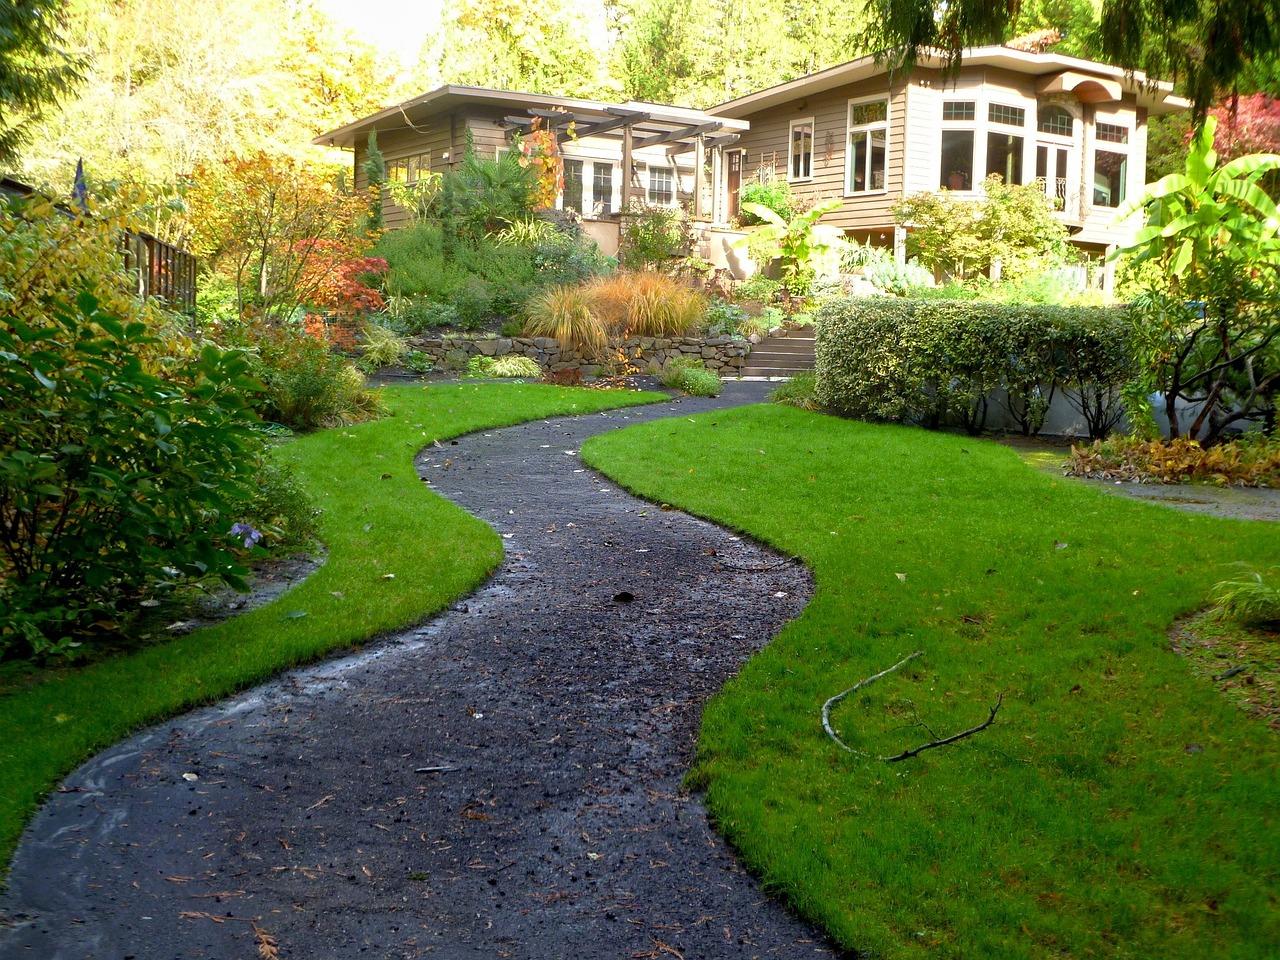 Home Landscape Yard - Free photo on Pixabay